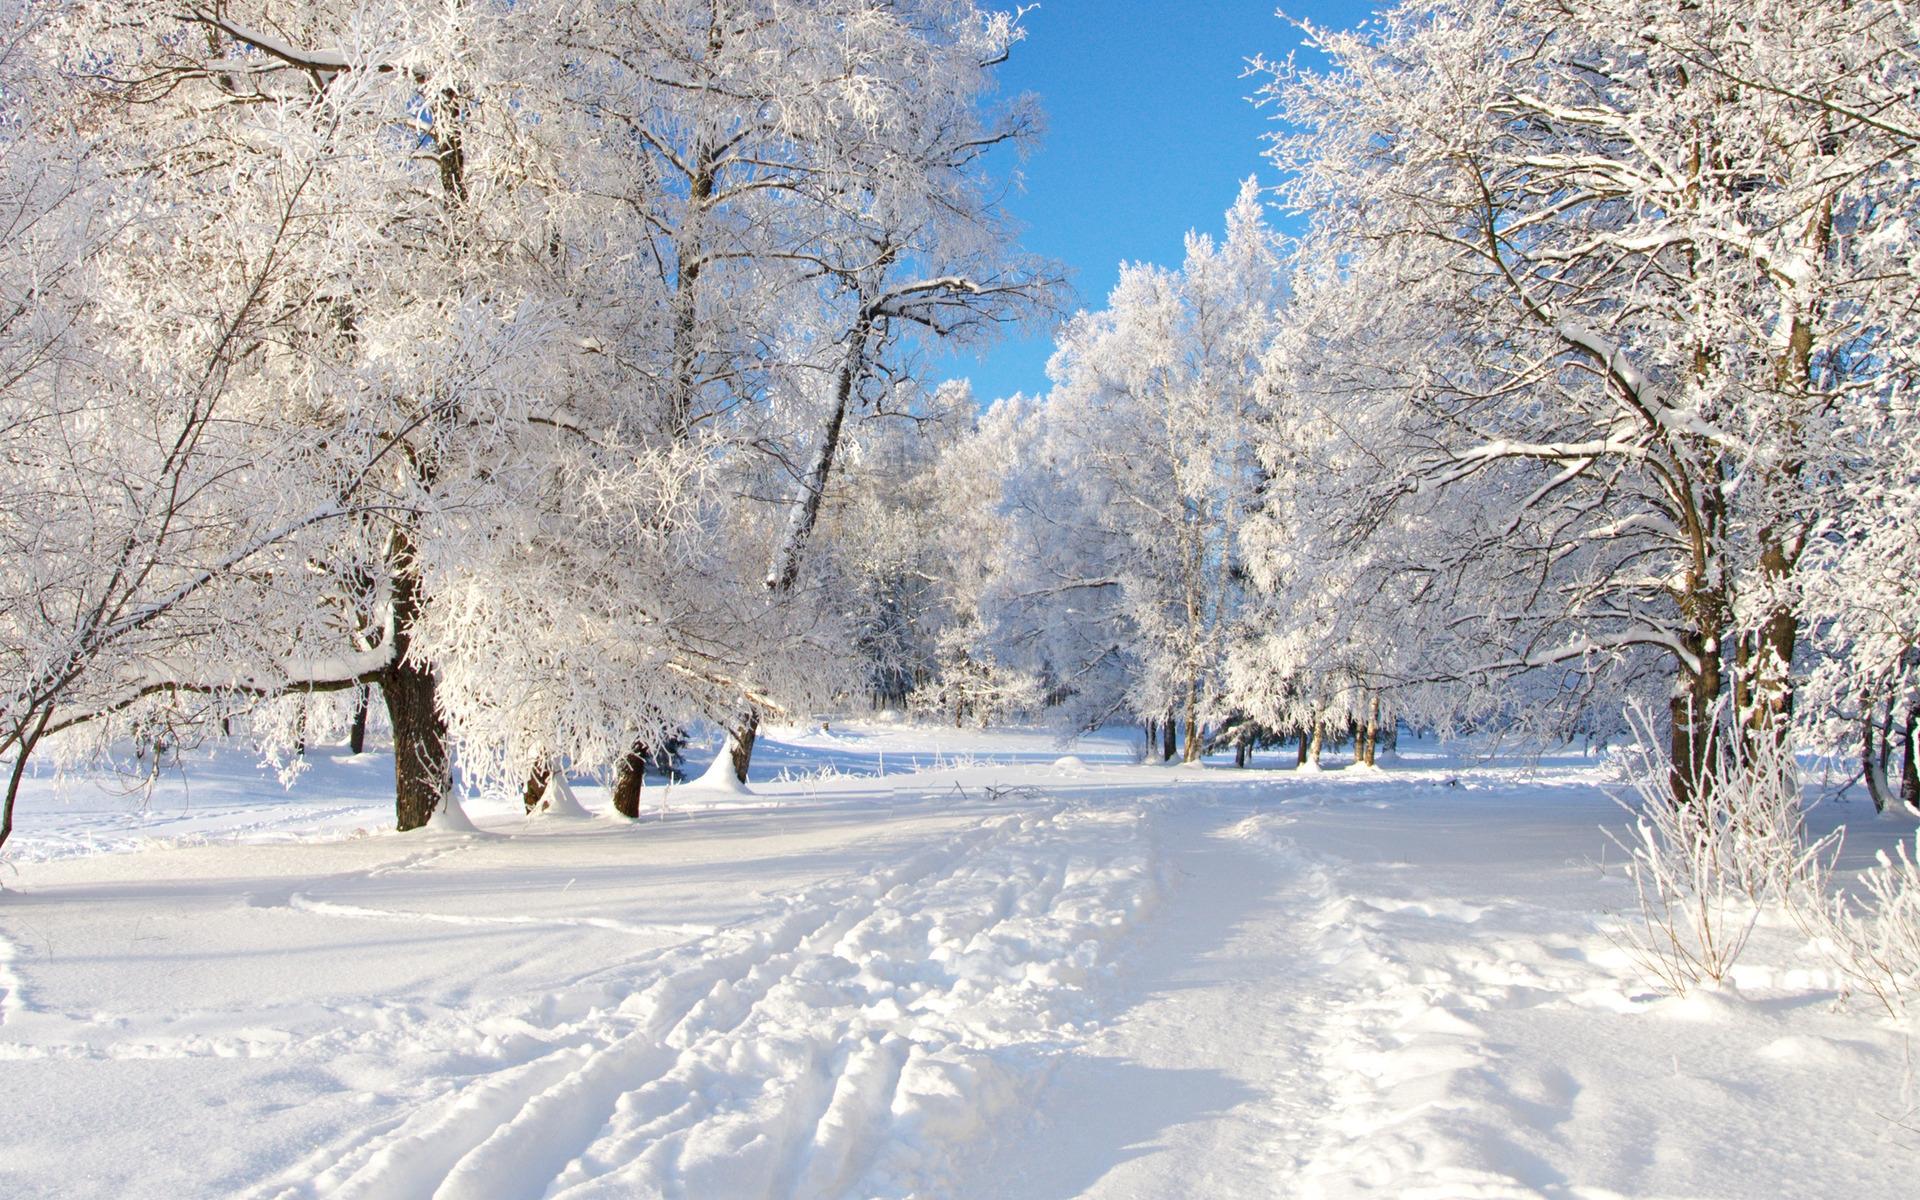 winter snow scenery